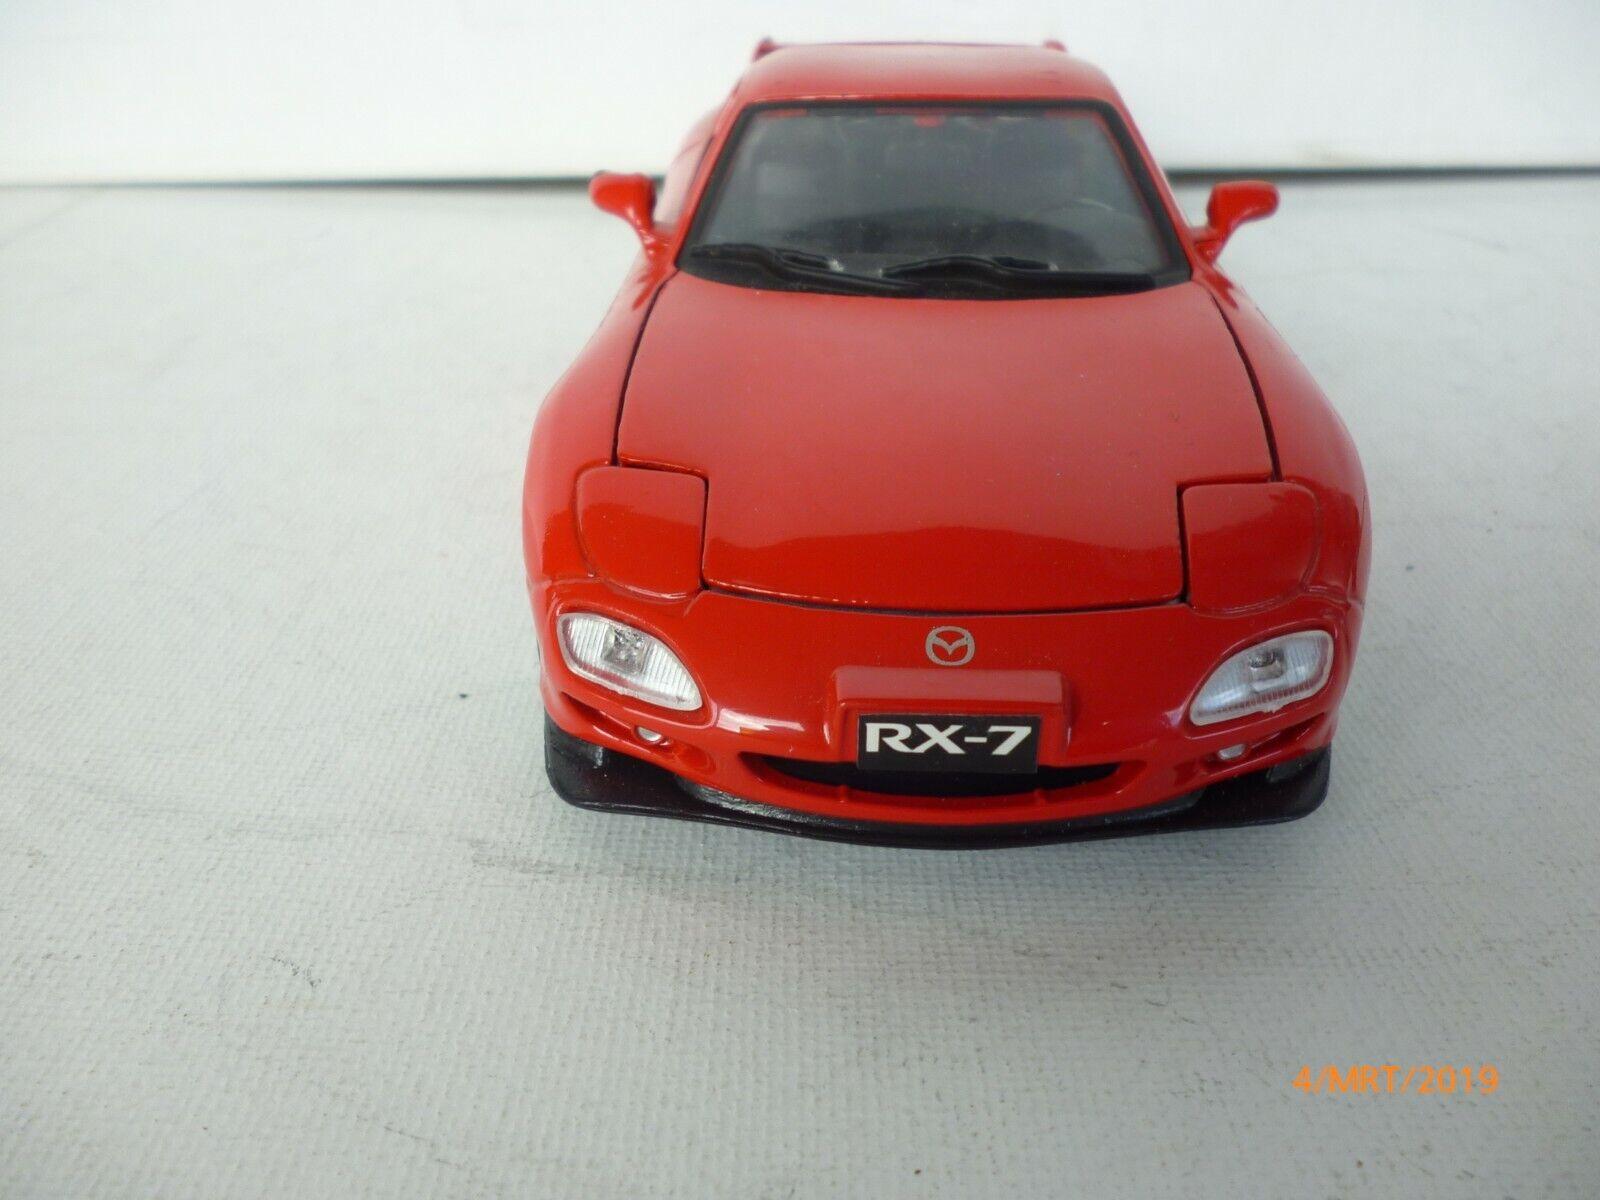 hasta 60% de descuento MOTOR MAX 73261 VINTAGE VINTAGE VINTAGE IN rojo  MAZDA RX-7 - rojo 1 24  VN MINT  precios mas baratos